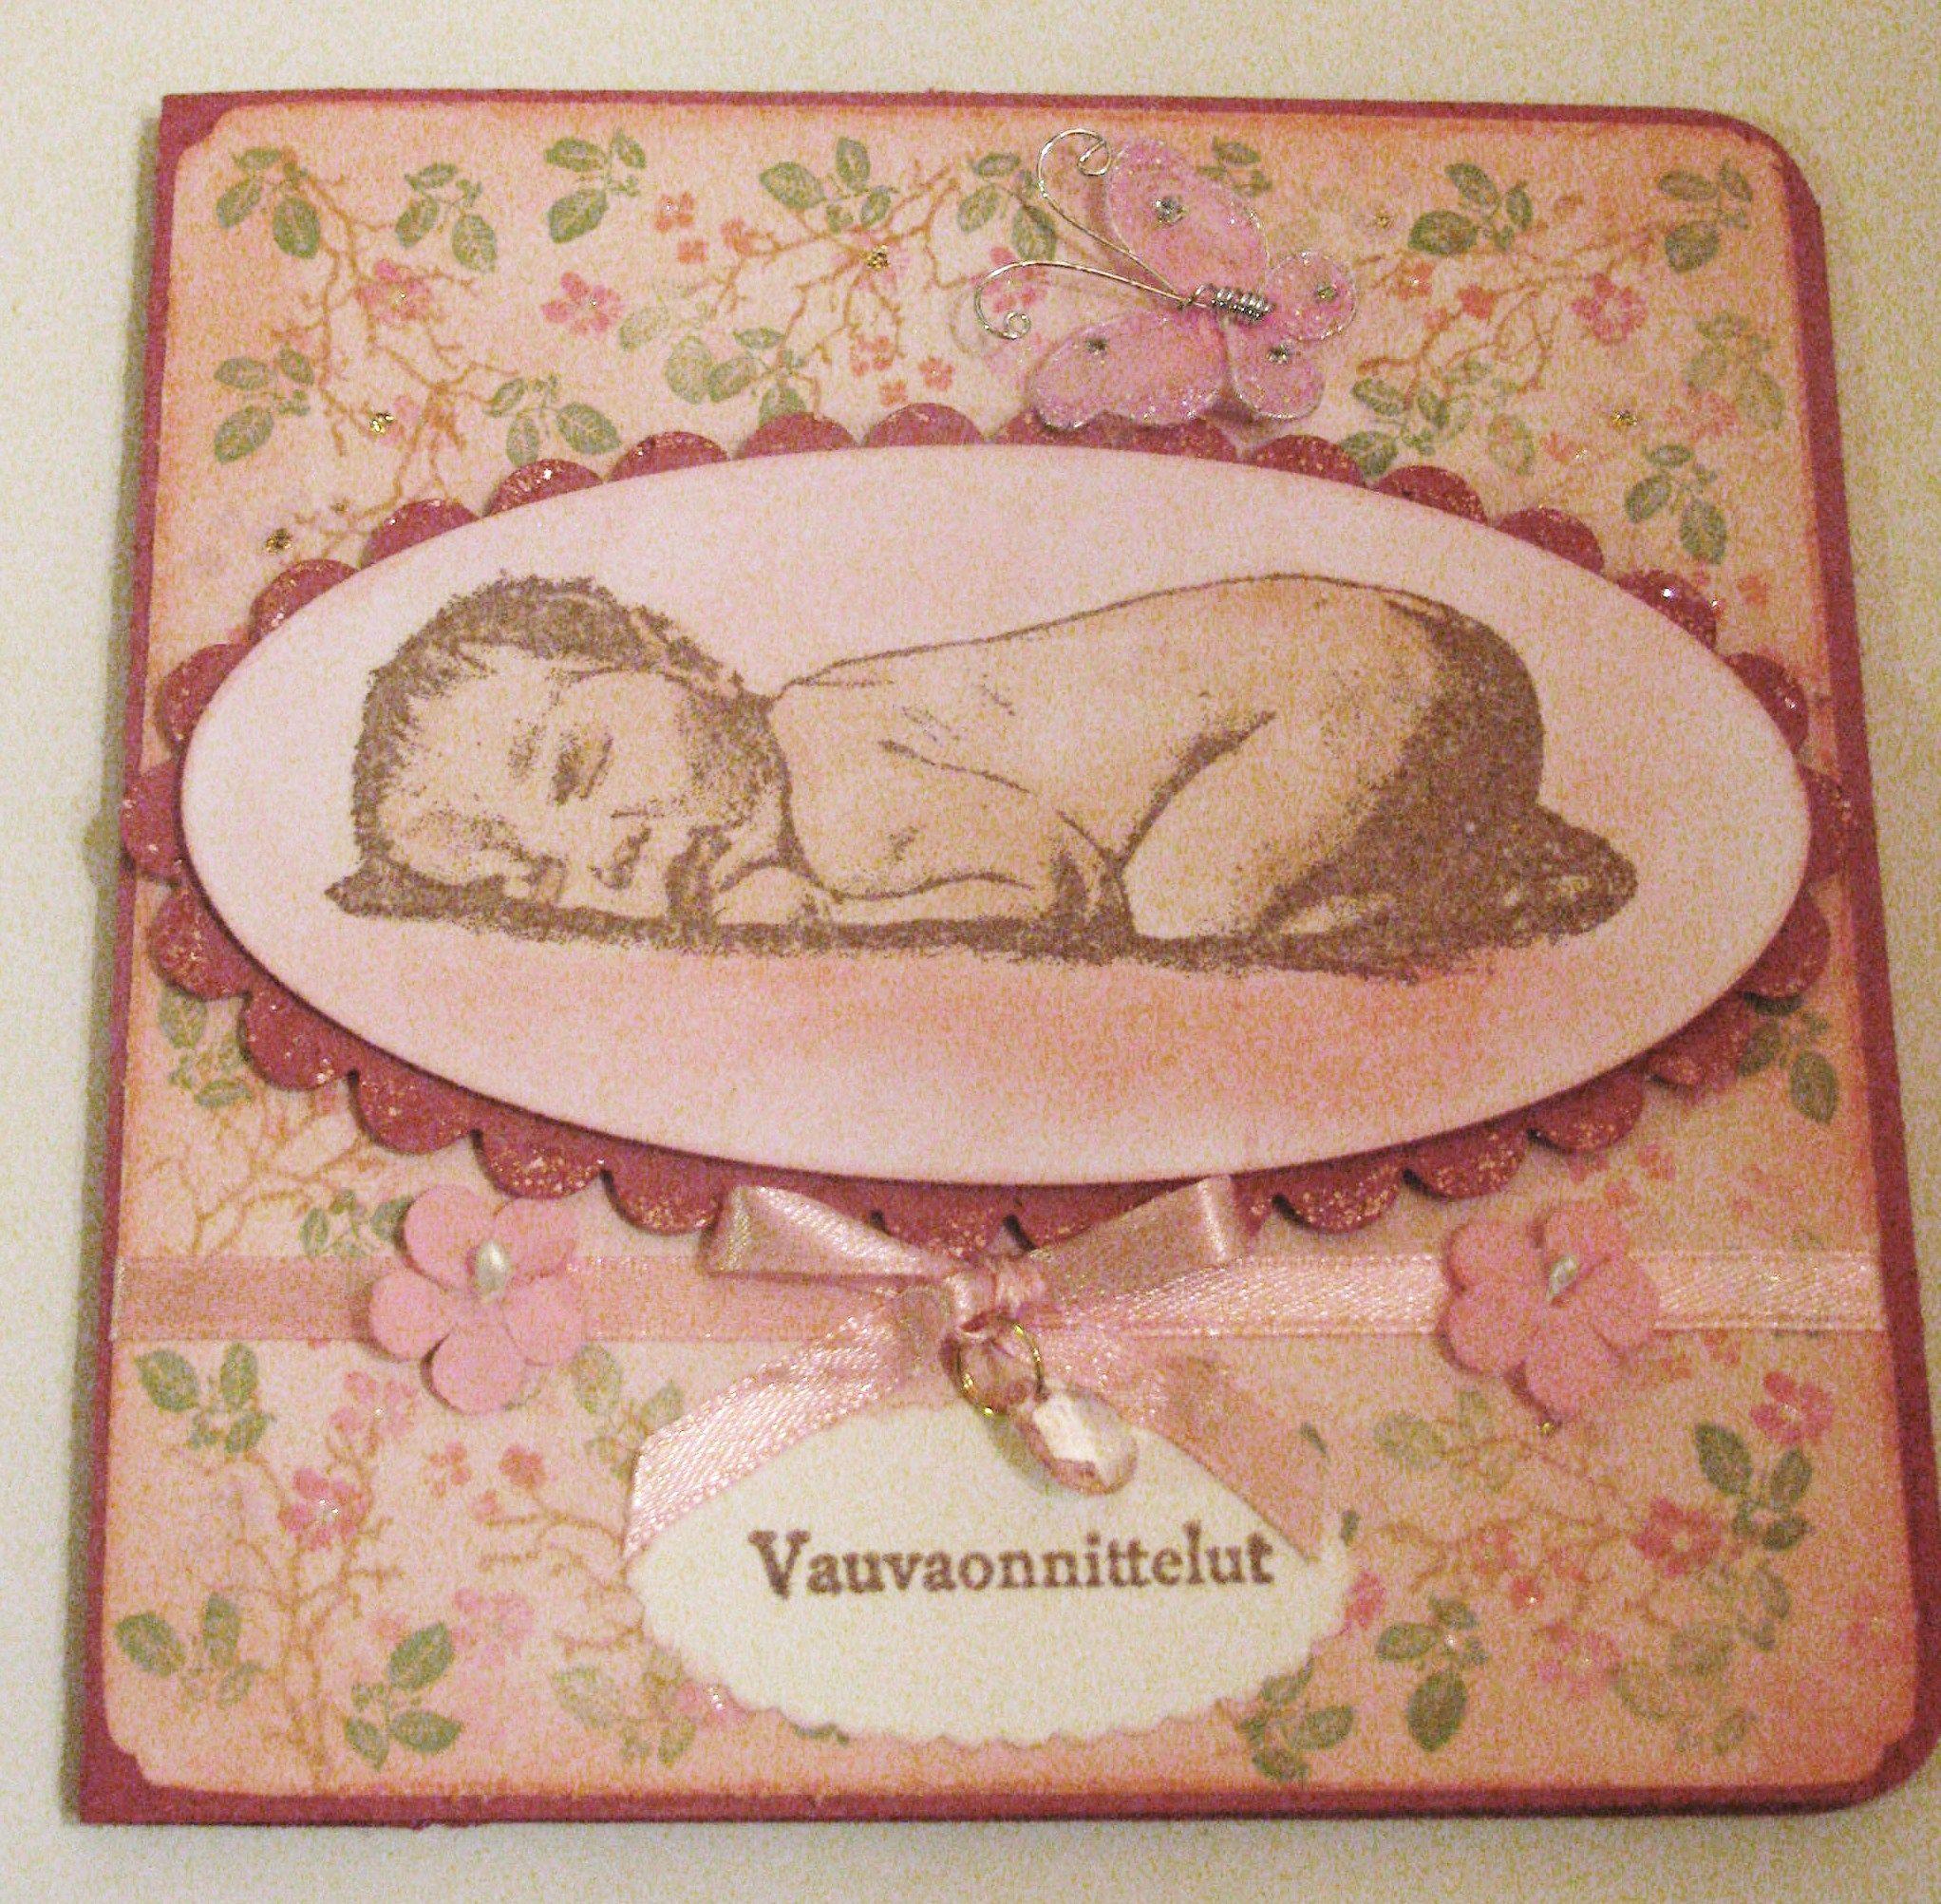 vauvaonnittelut